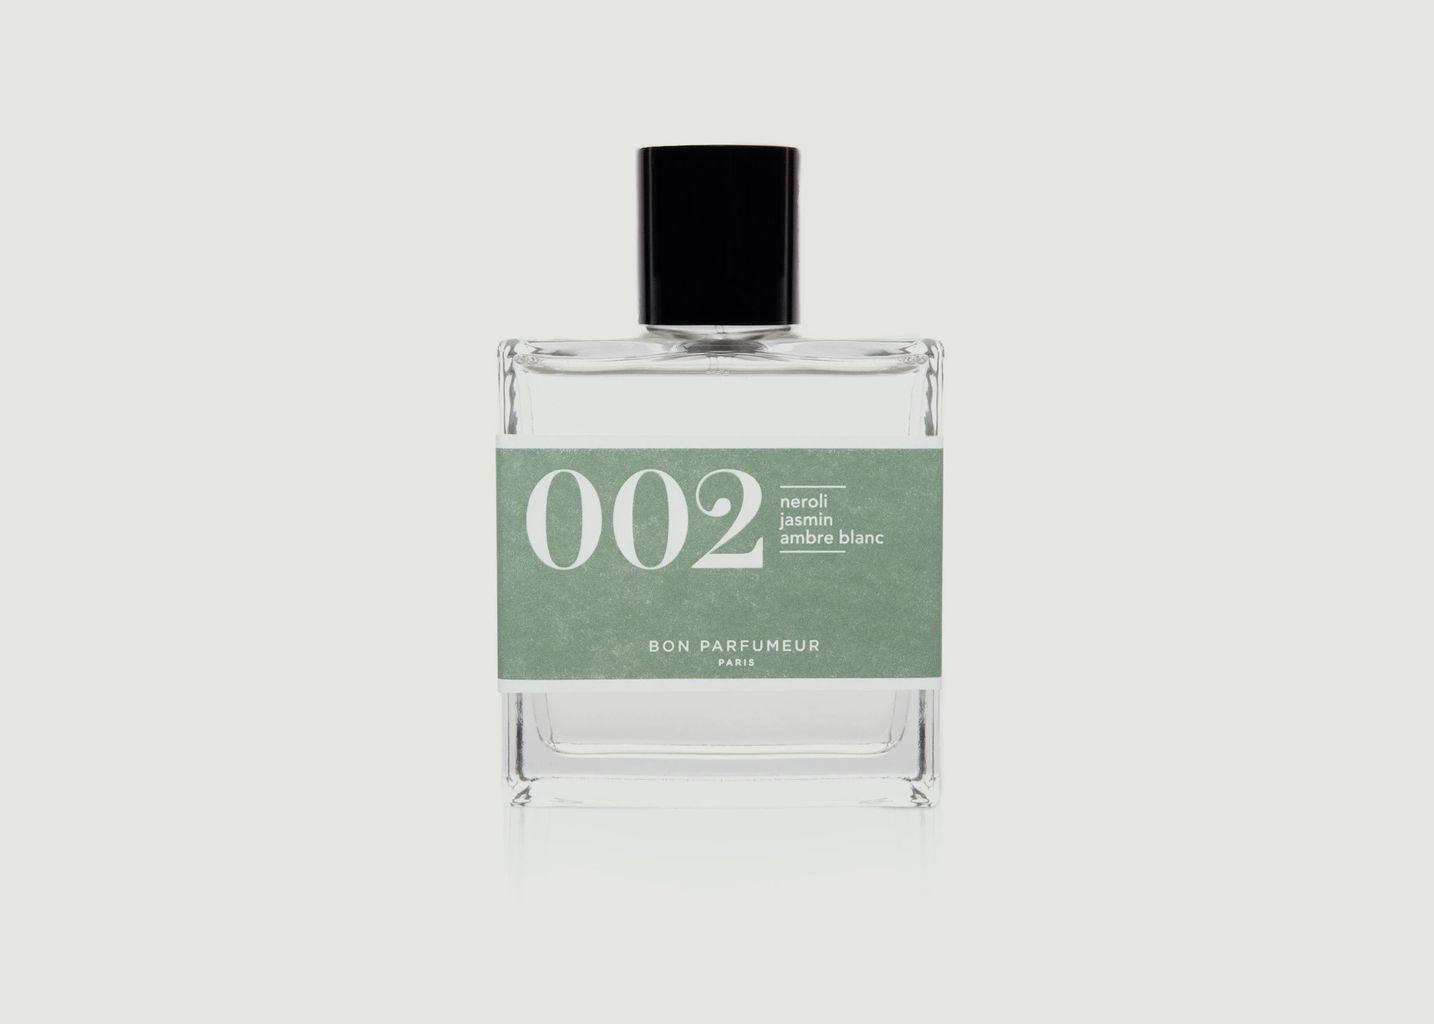 Eau de Parfum 002 30ml - Bon Parfumeur